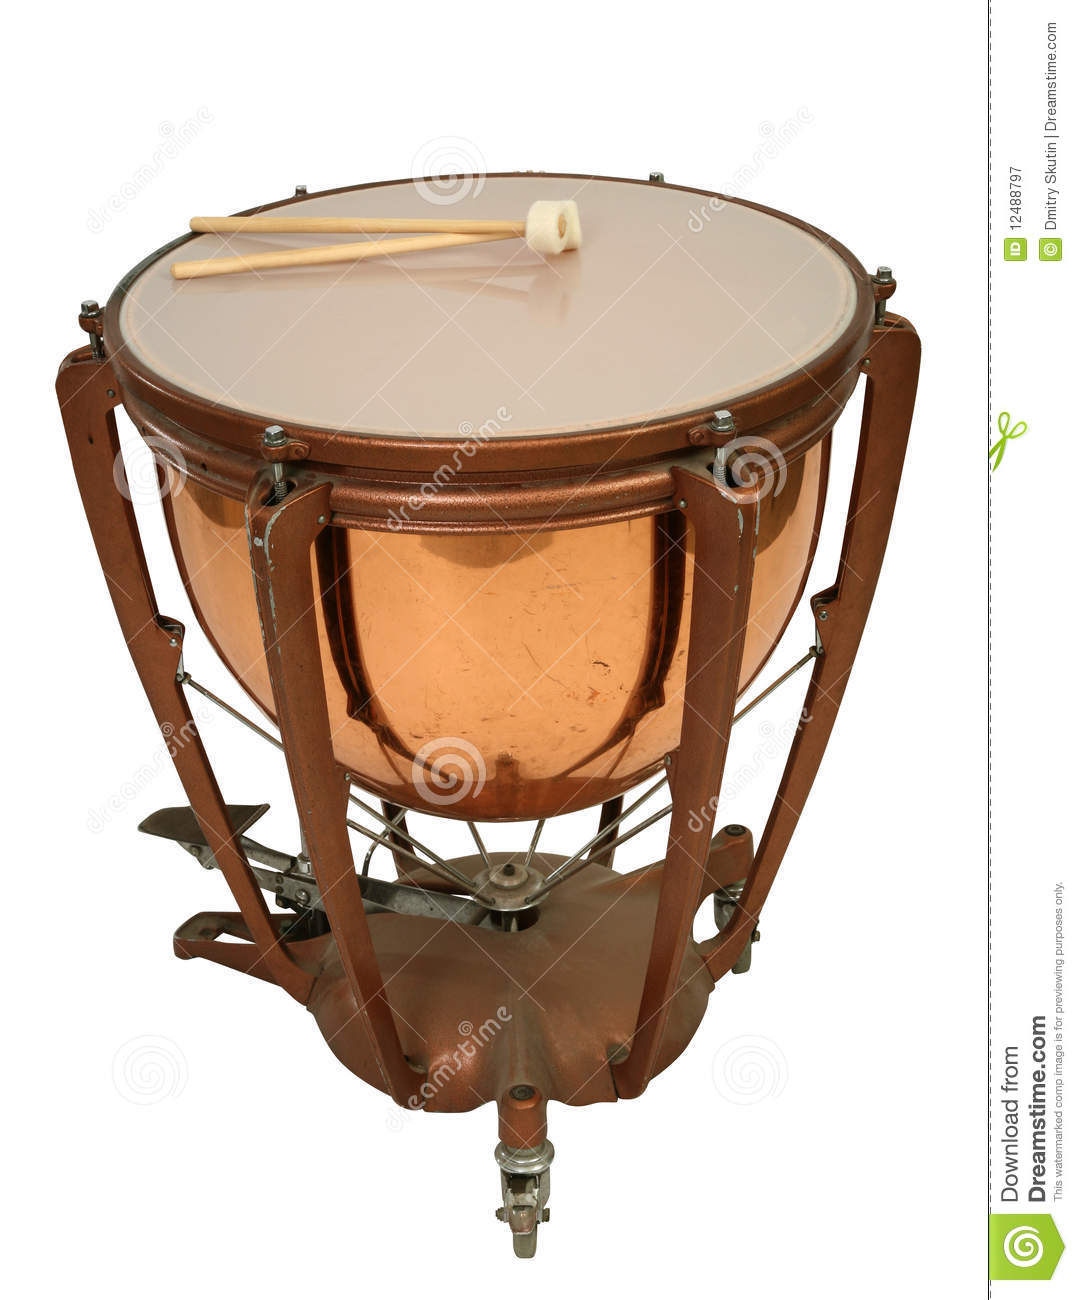 Kettle drum clipart.